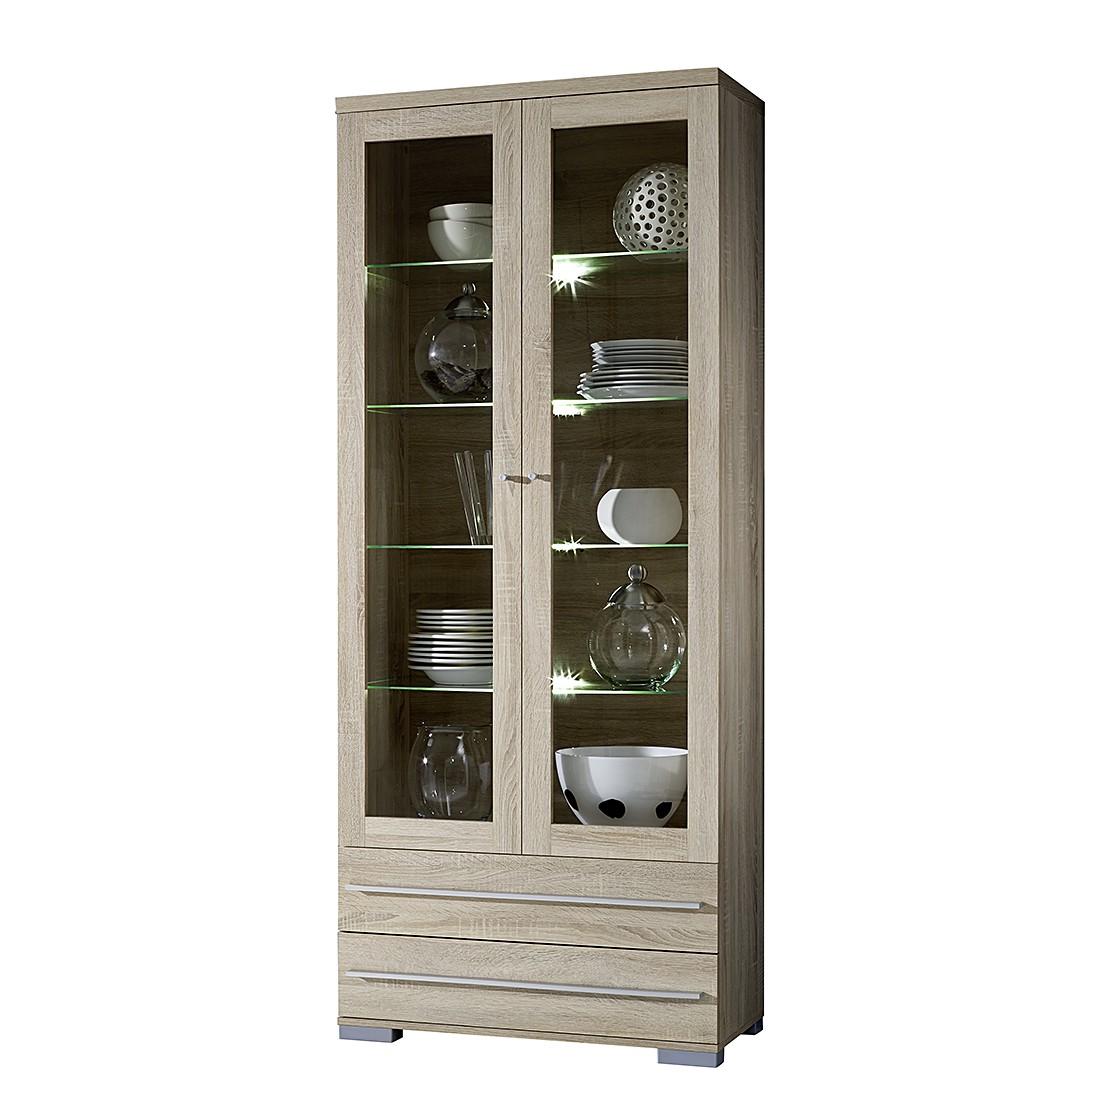 home24 Glasvitrine Tournai | Wohnzimmer > Vitrinen > Glasvitrinen | Beige | Holz | loftscape